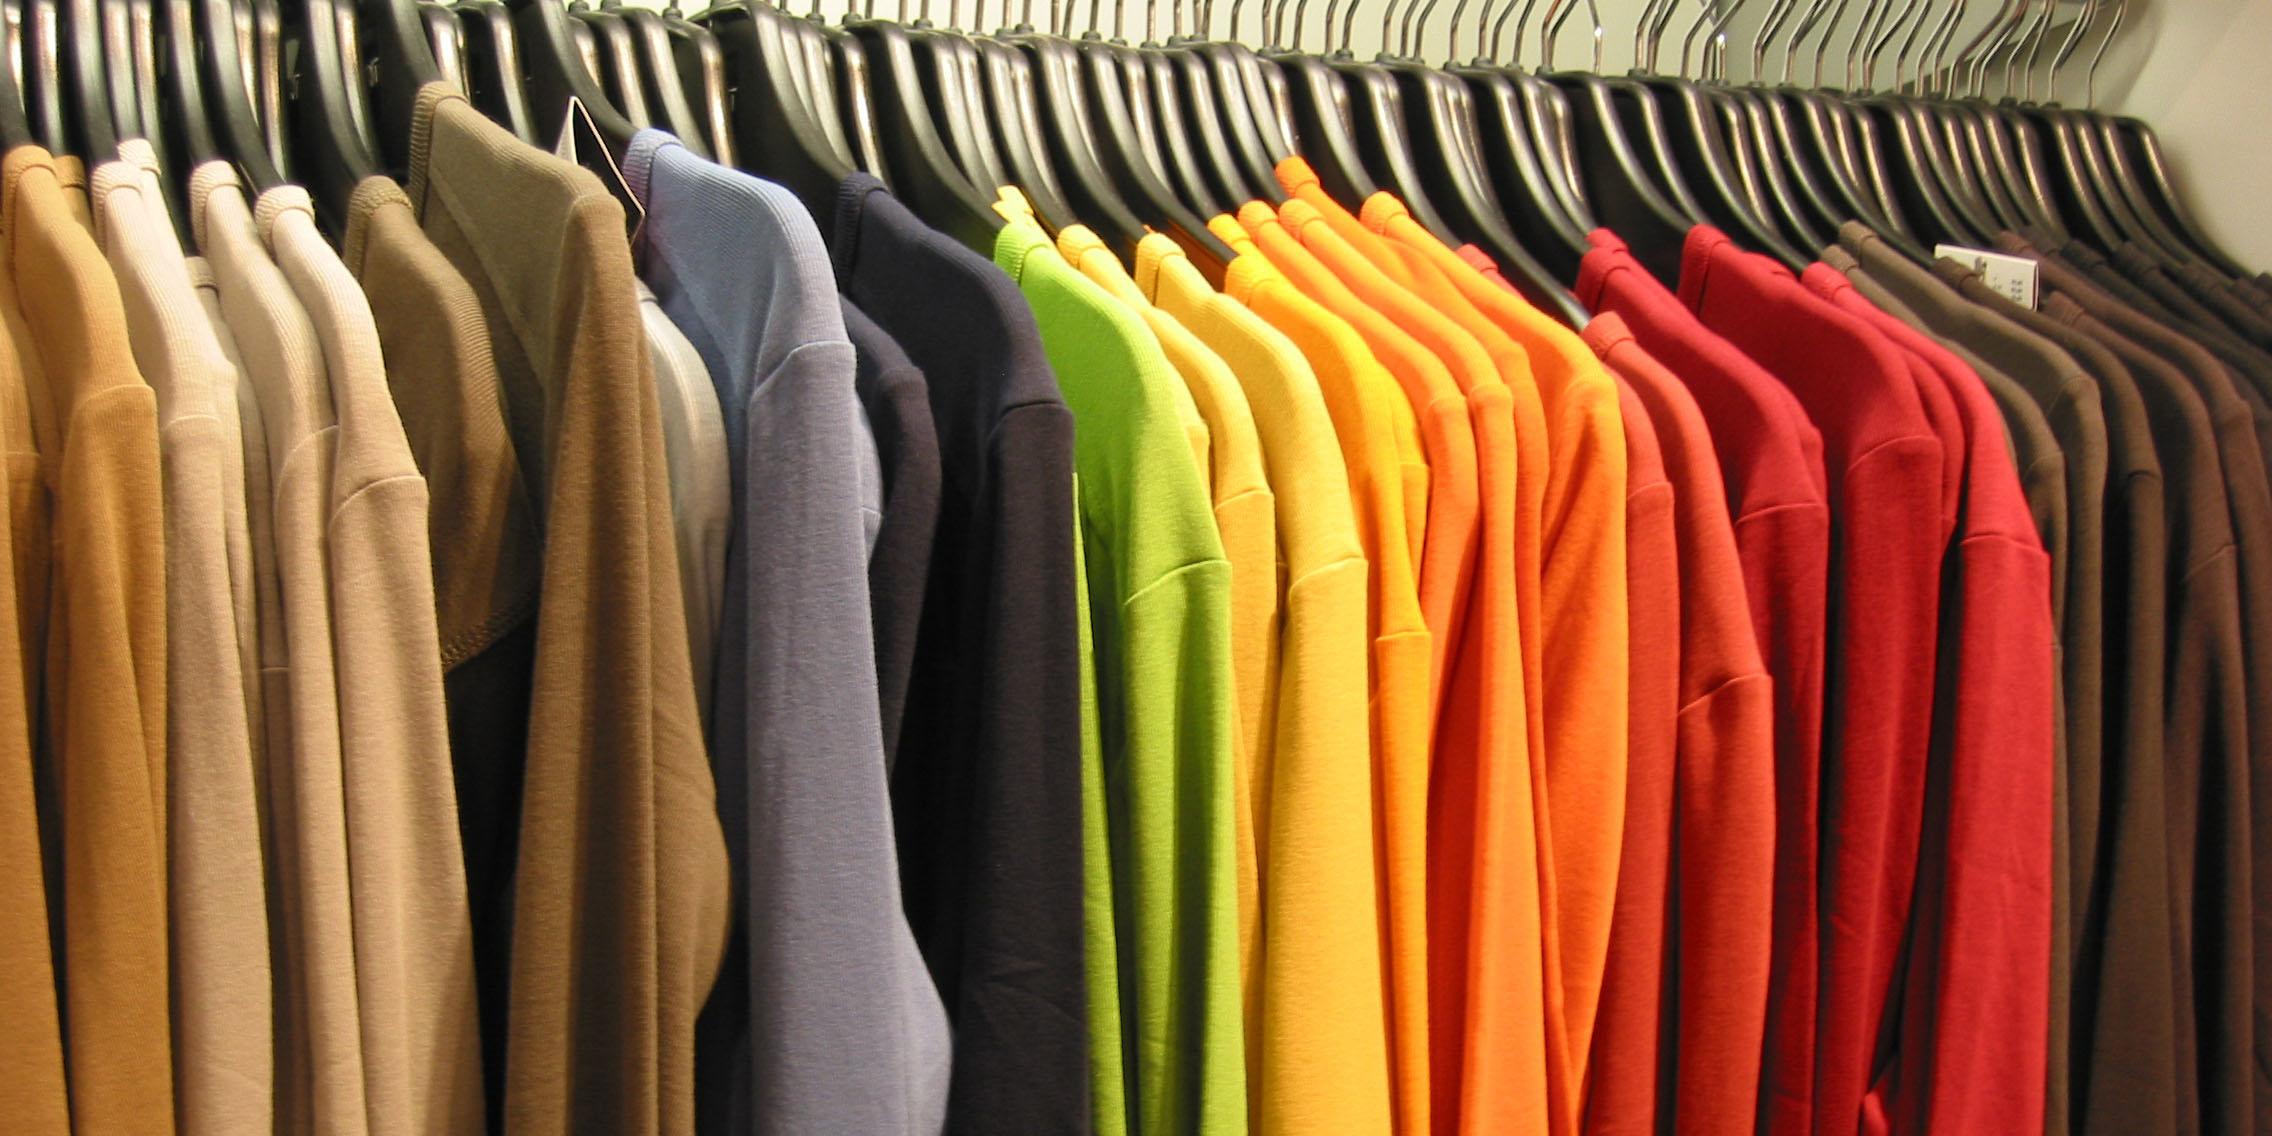 واردات پوشاک مشروط به تولید داخلی و صادرات شد